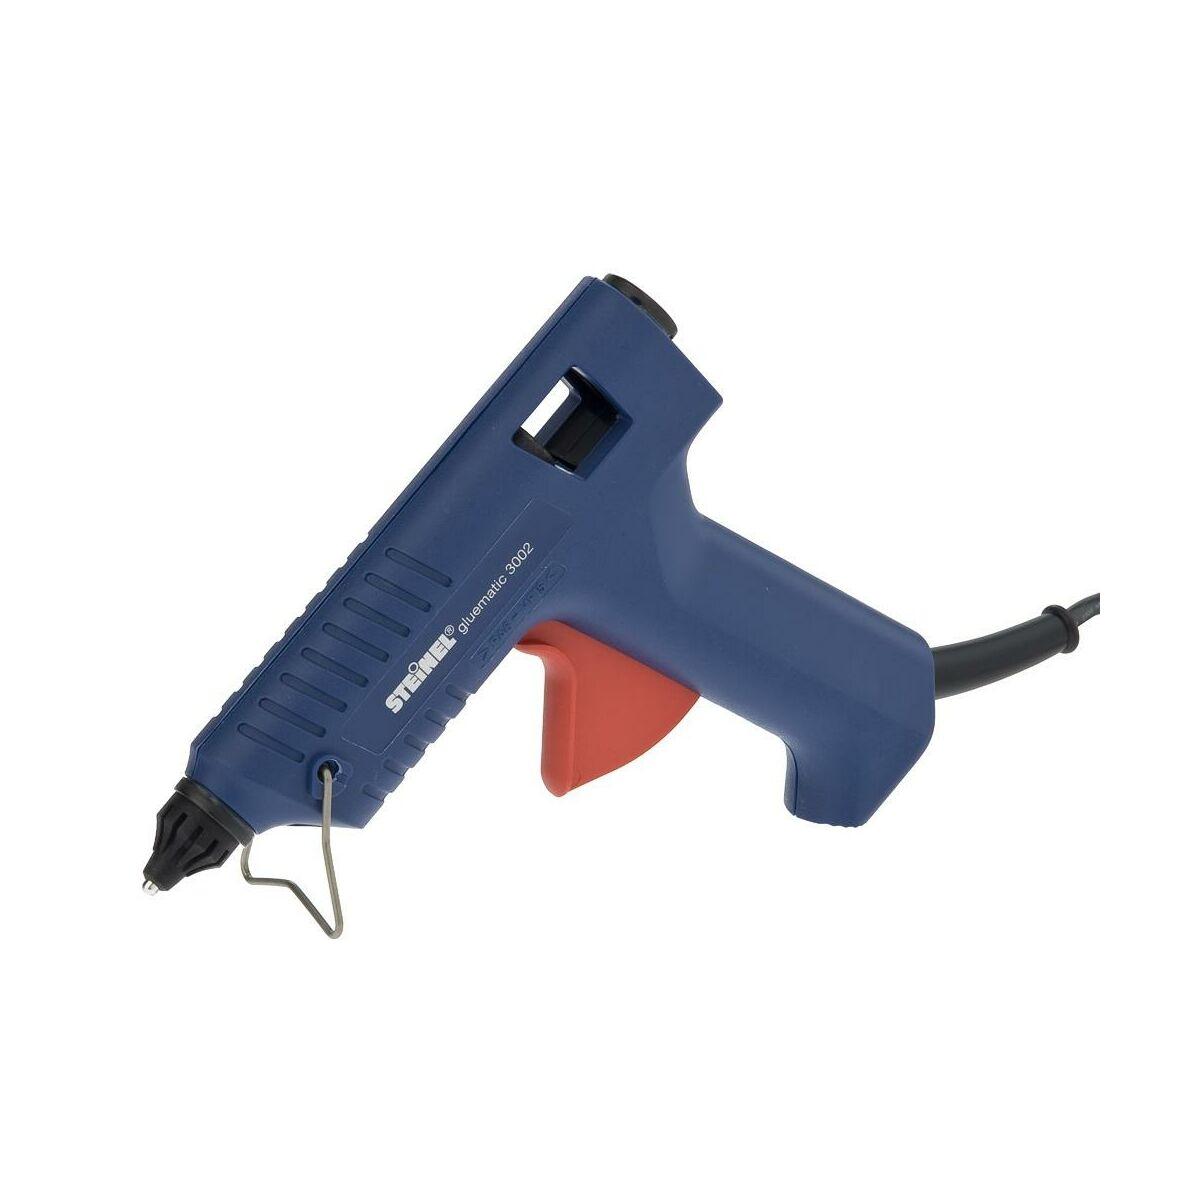 Pistolet Do Klejenia Na Goraco 200 W Gluematic 3002 Steinel Pistolety Do Kleju W Atrakcyjnej Cenie W Sklepach Leroy Merlin